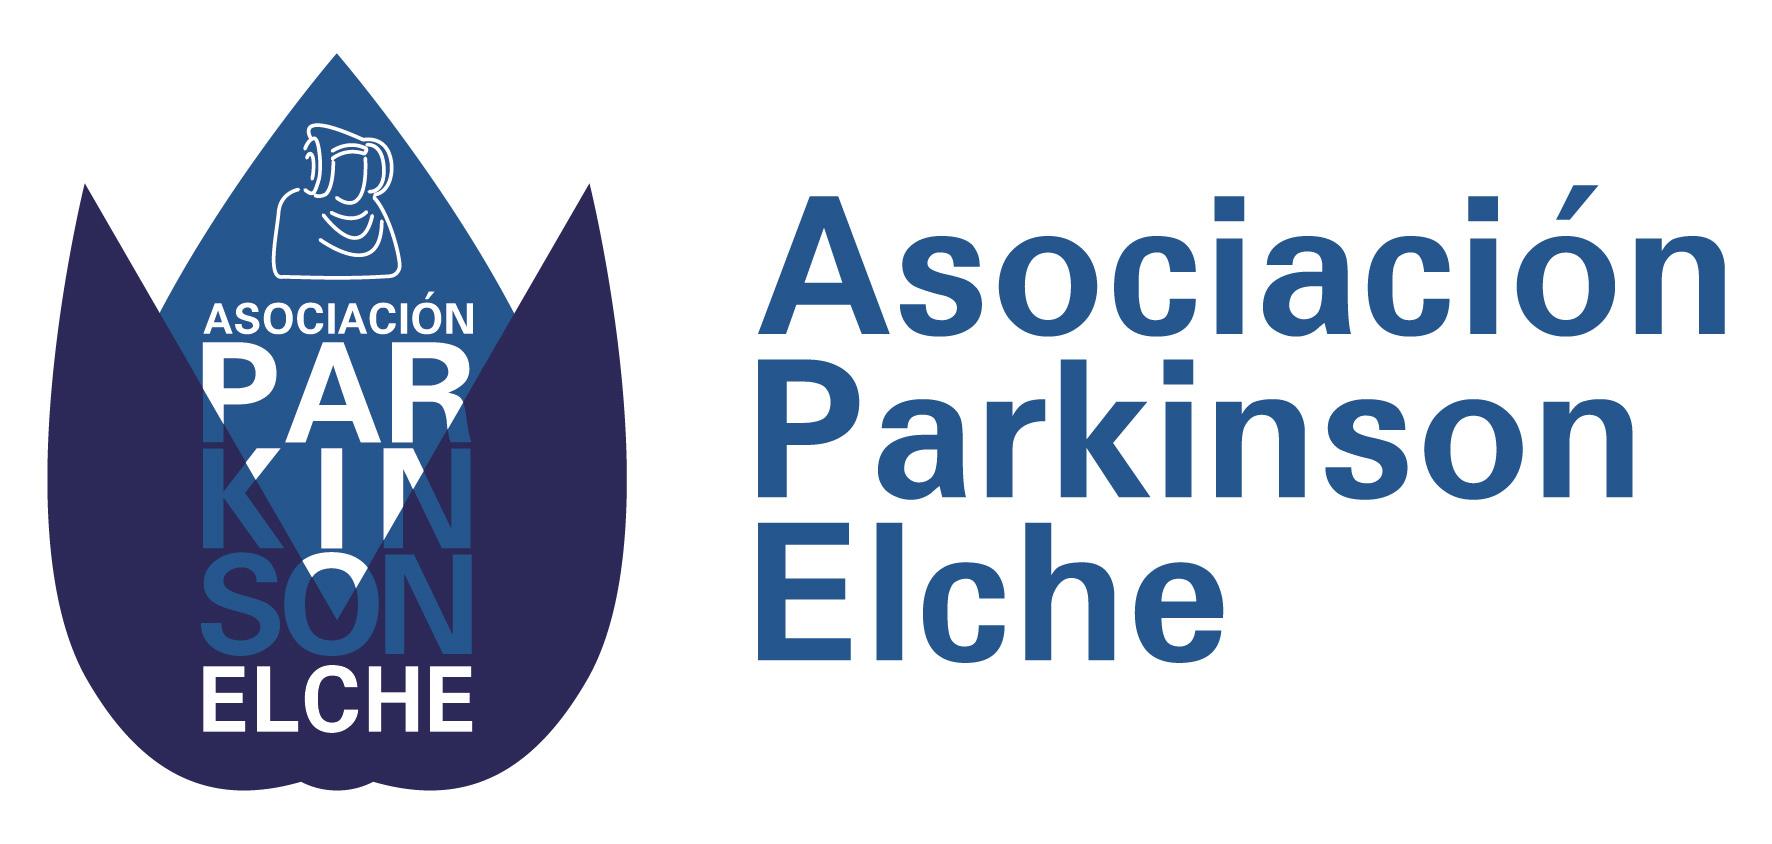 asociacion-parkinson-elche